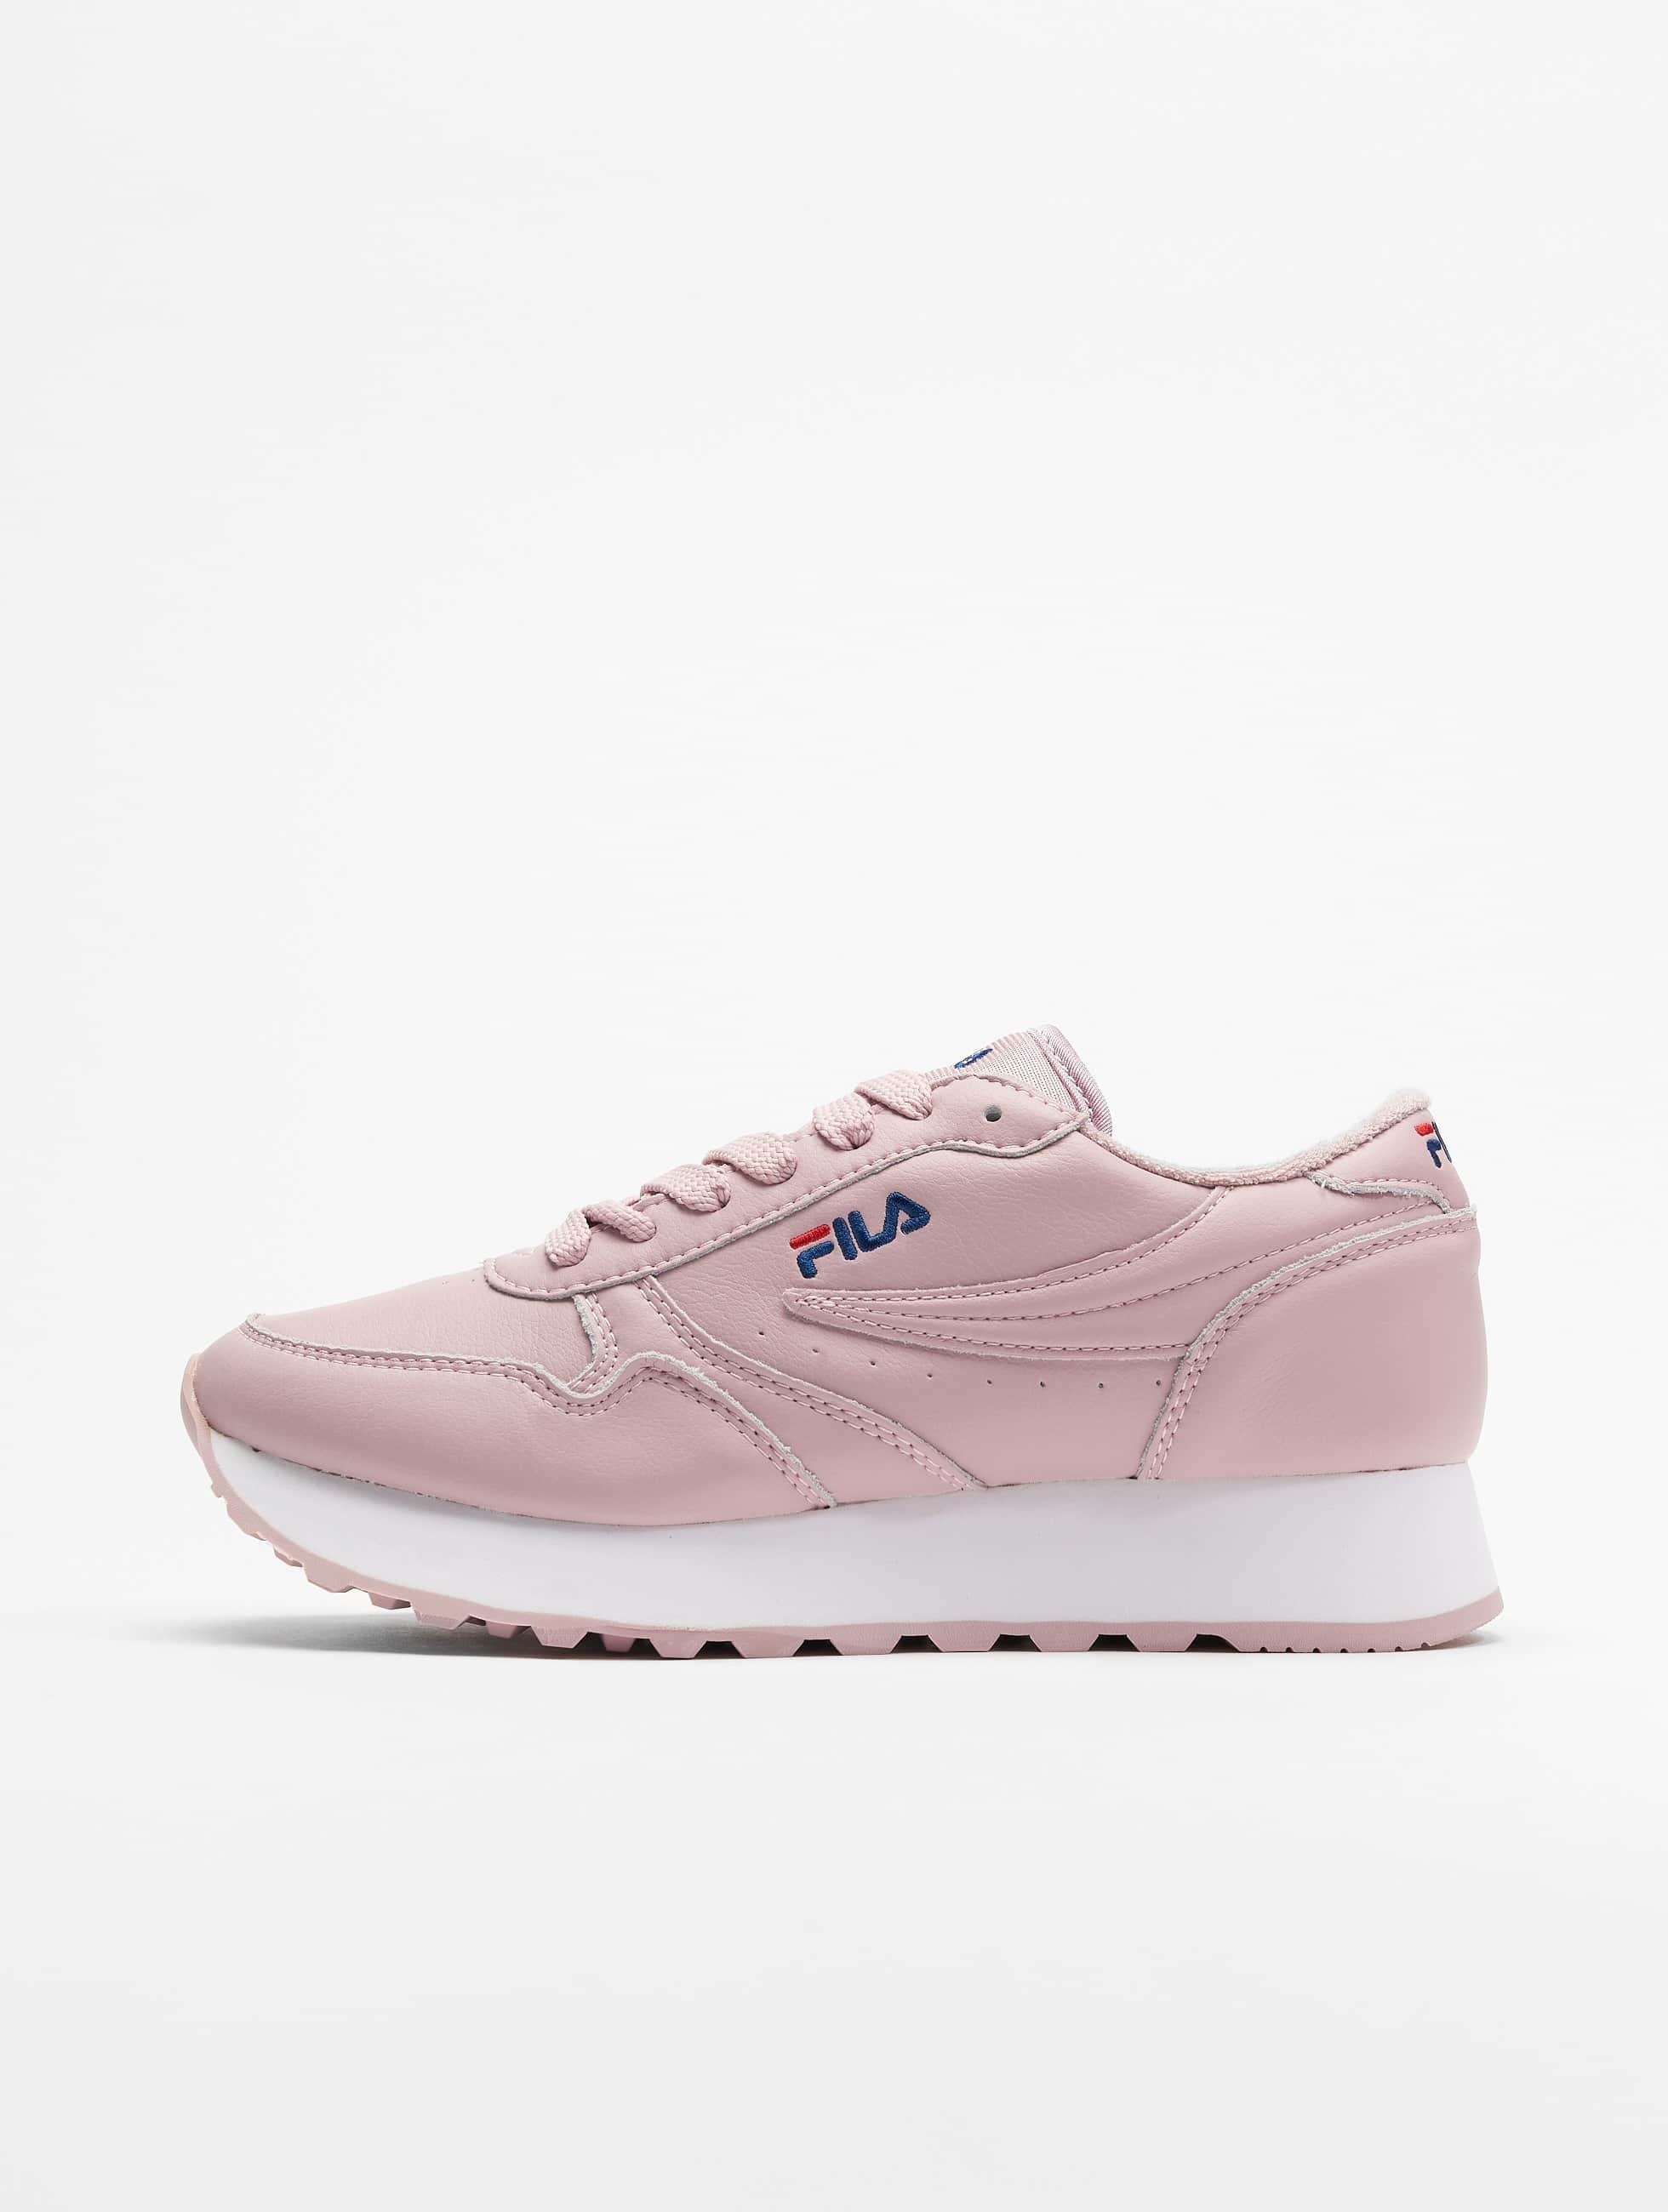 FILA Heritage Orbit Zeppa Low Sneakers Keepsake Lilac